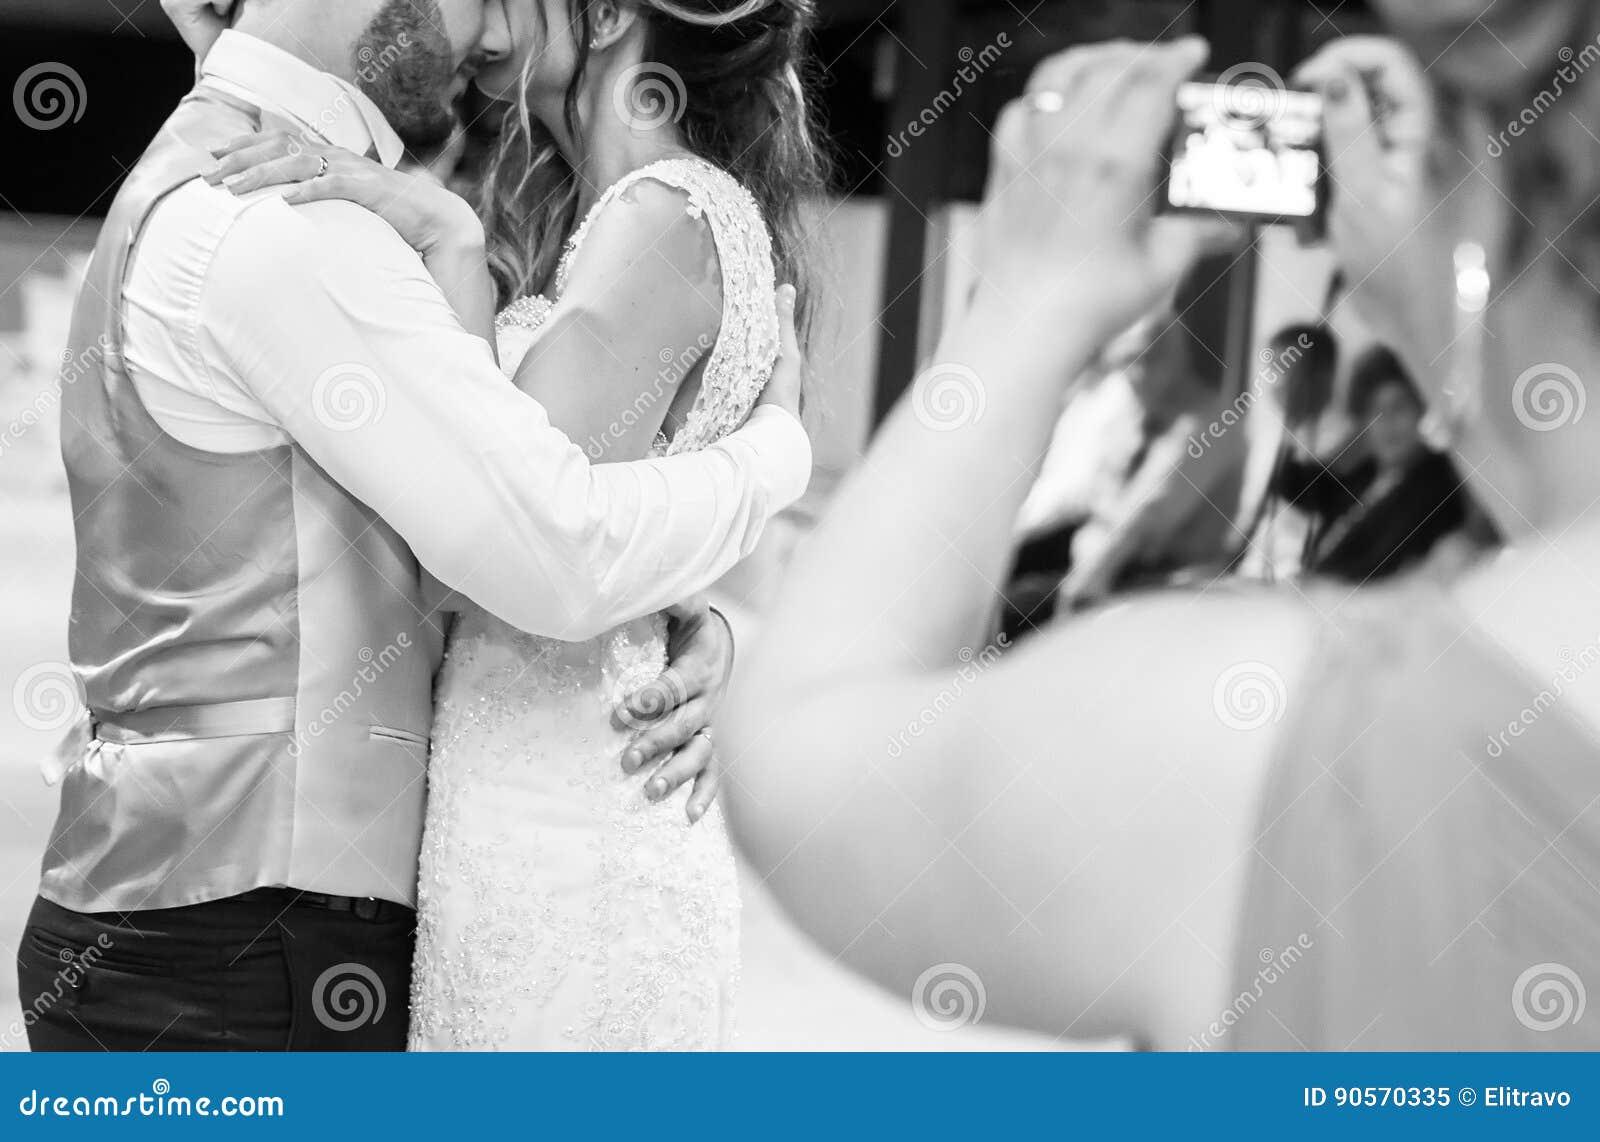 Αρχικά χορεψτε η νύφη και ο νεόνυμφος στον καπνό